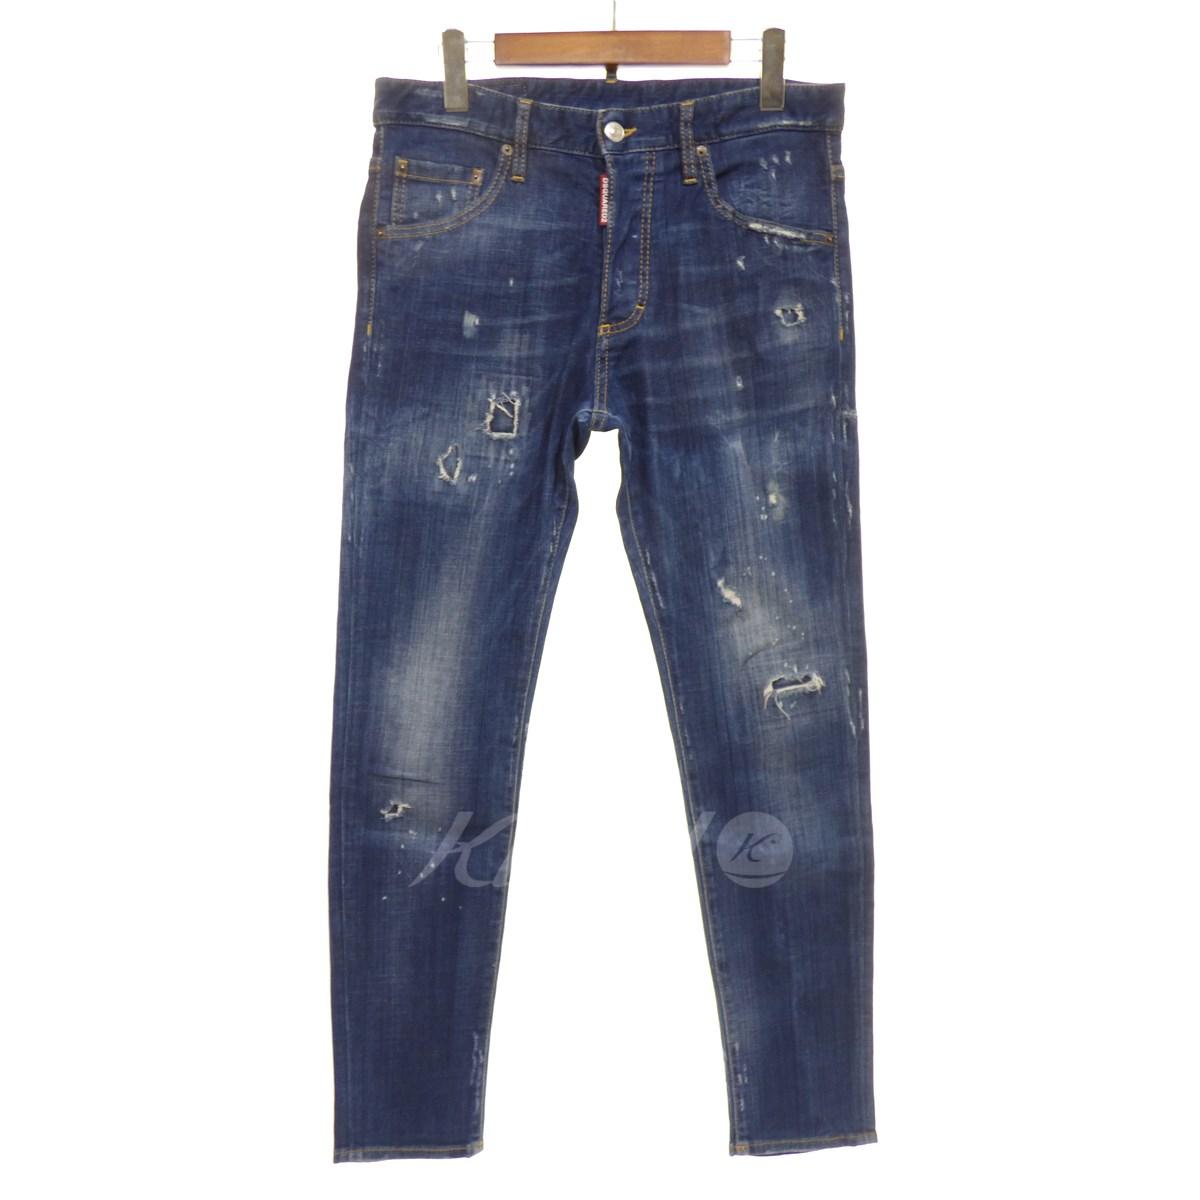 【中古】DSQUARED2 【2016A/W】 Skinny Jeans ダメージ加工デニムパンツ インディゴ サイズ:46 【送料無料】 【120319】(ディースクエアード)